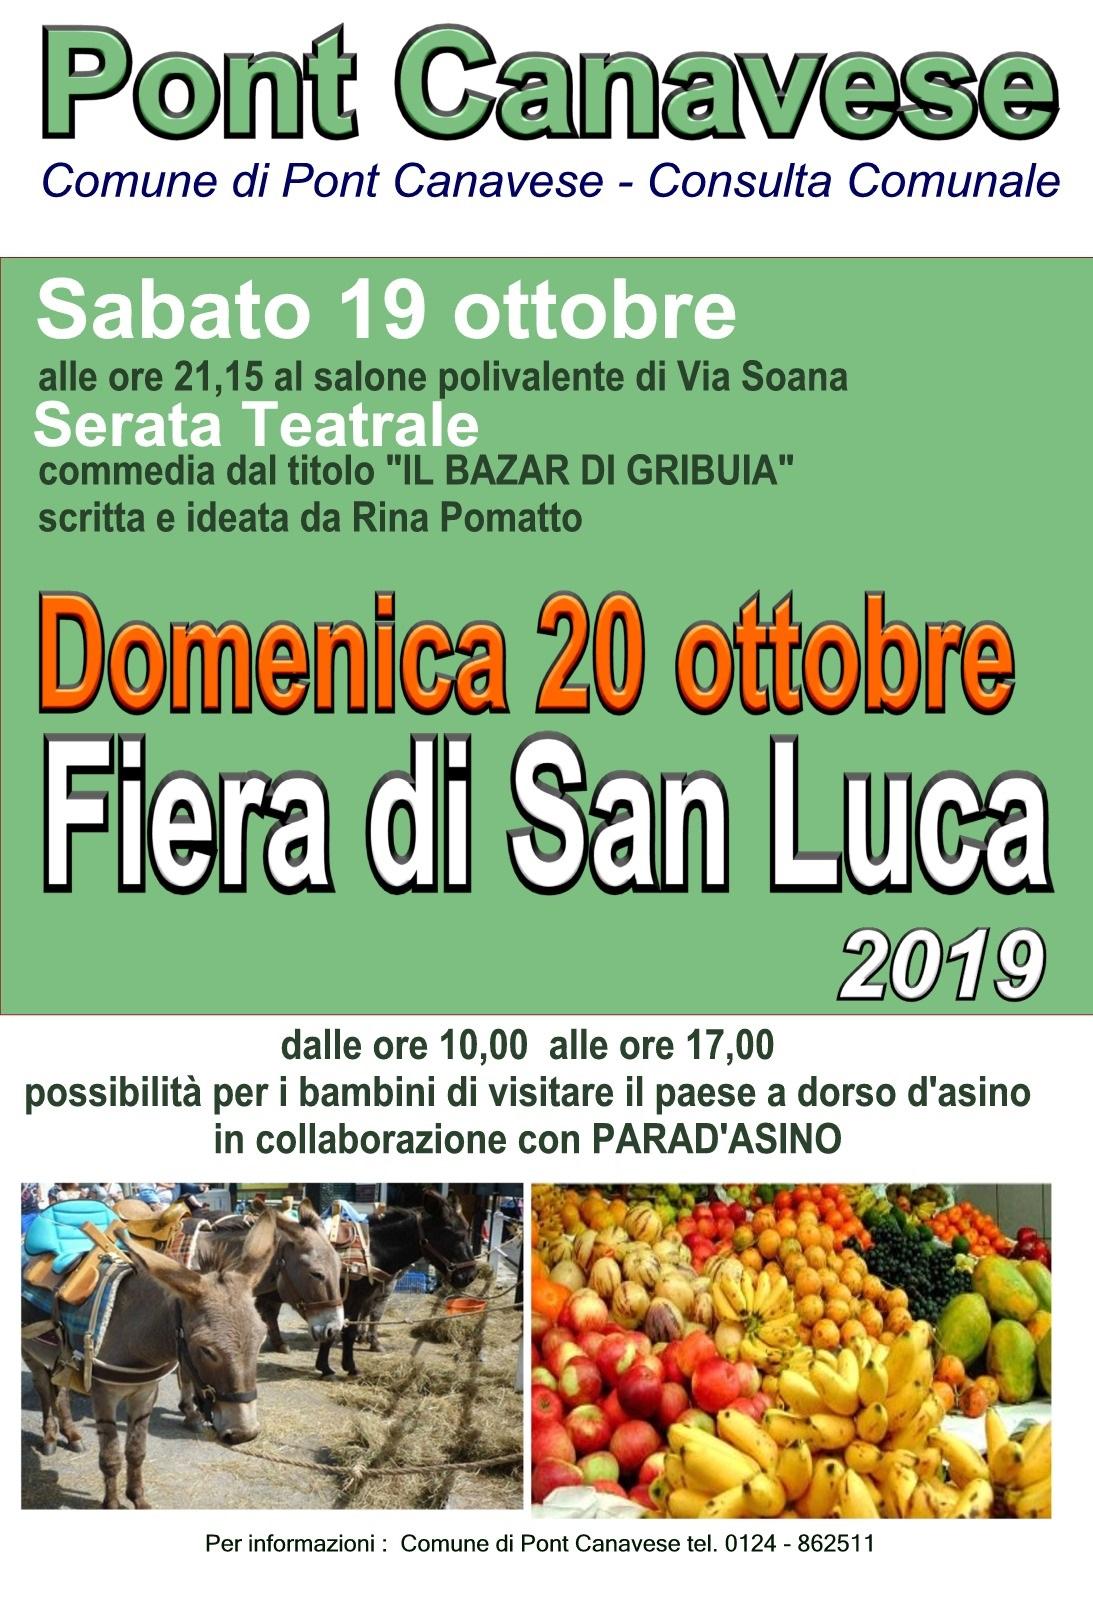 San Luca 2019